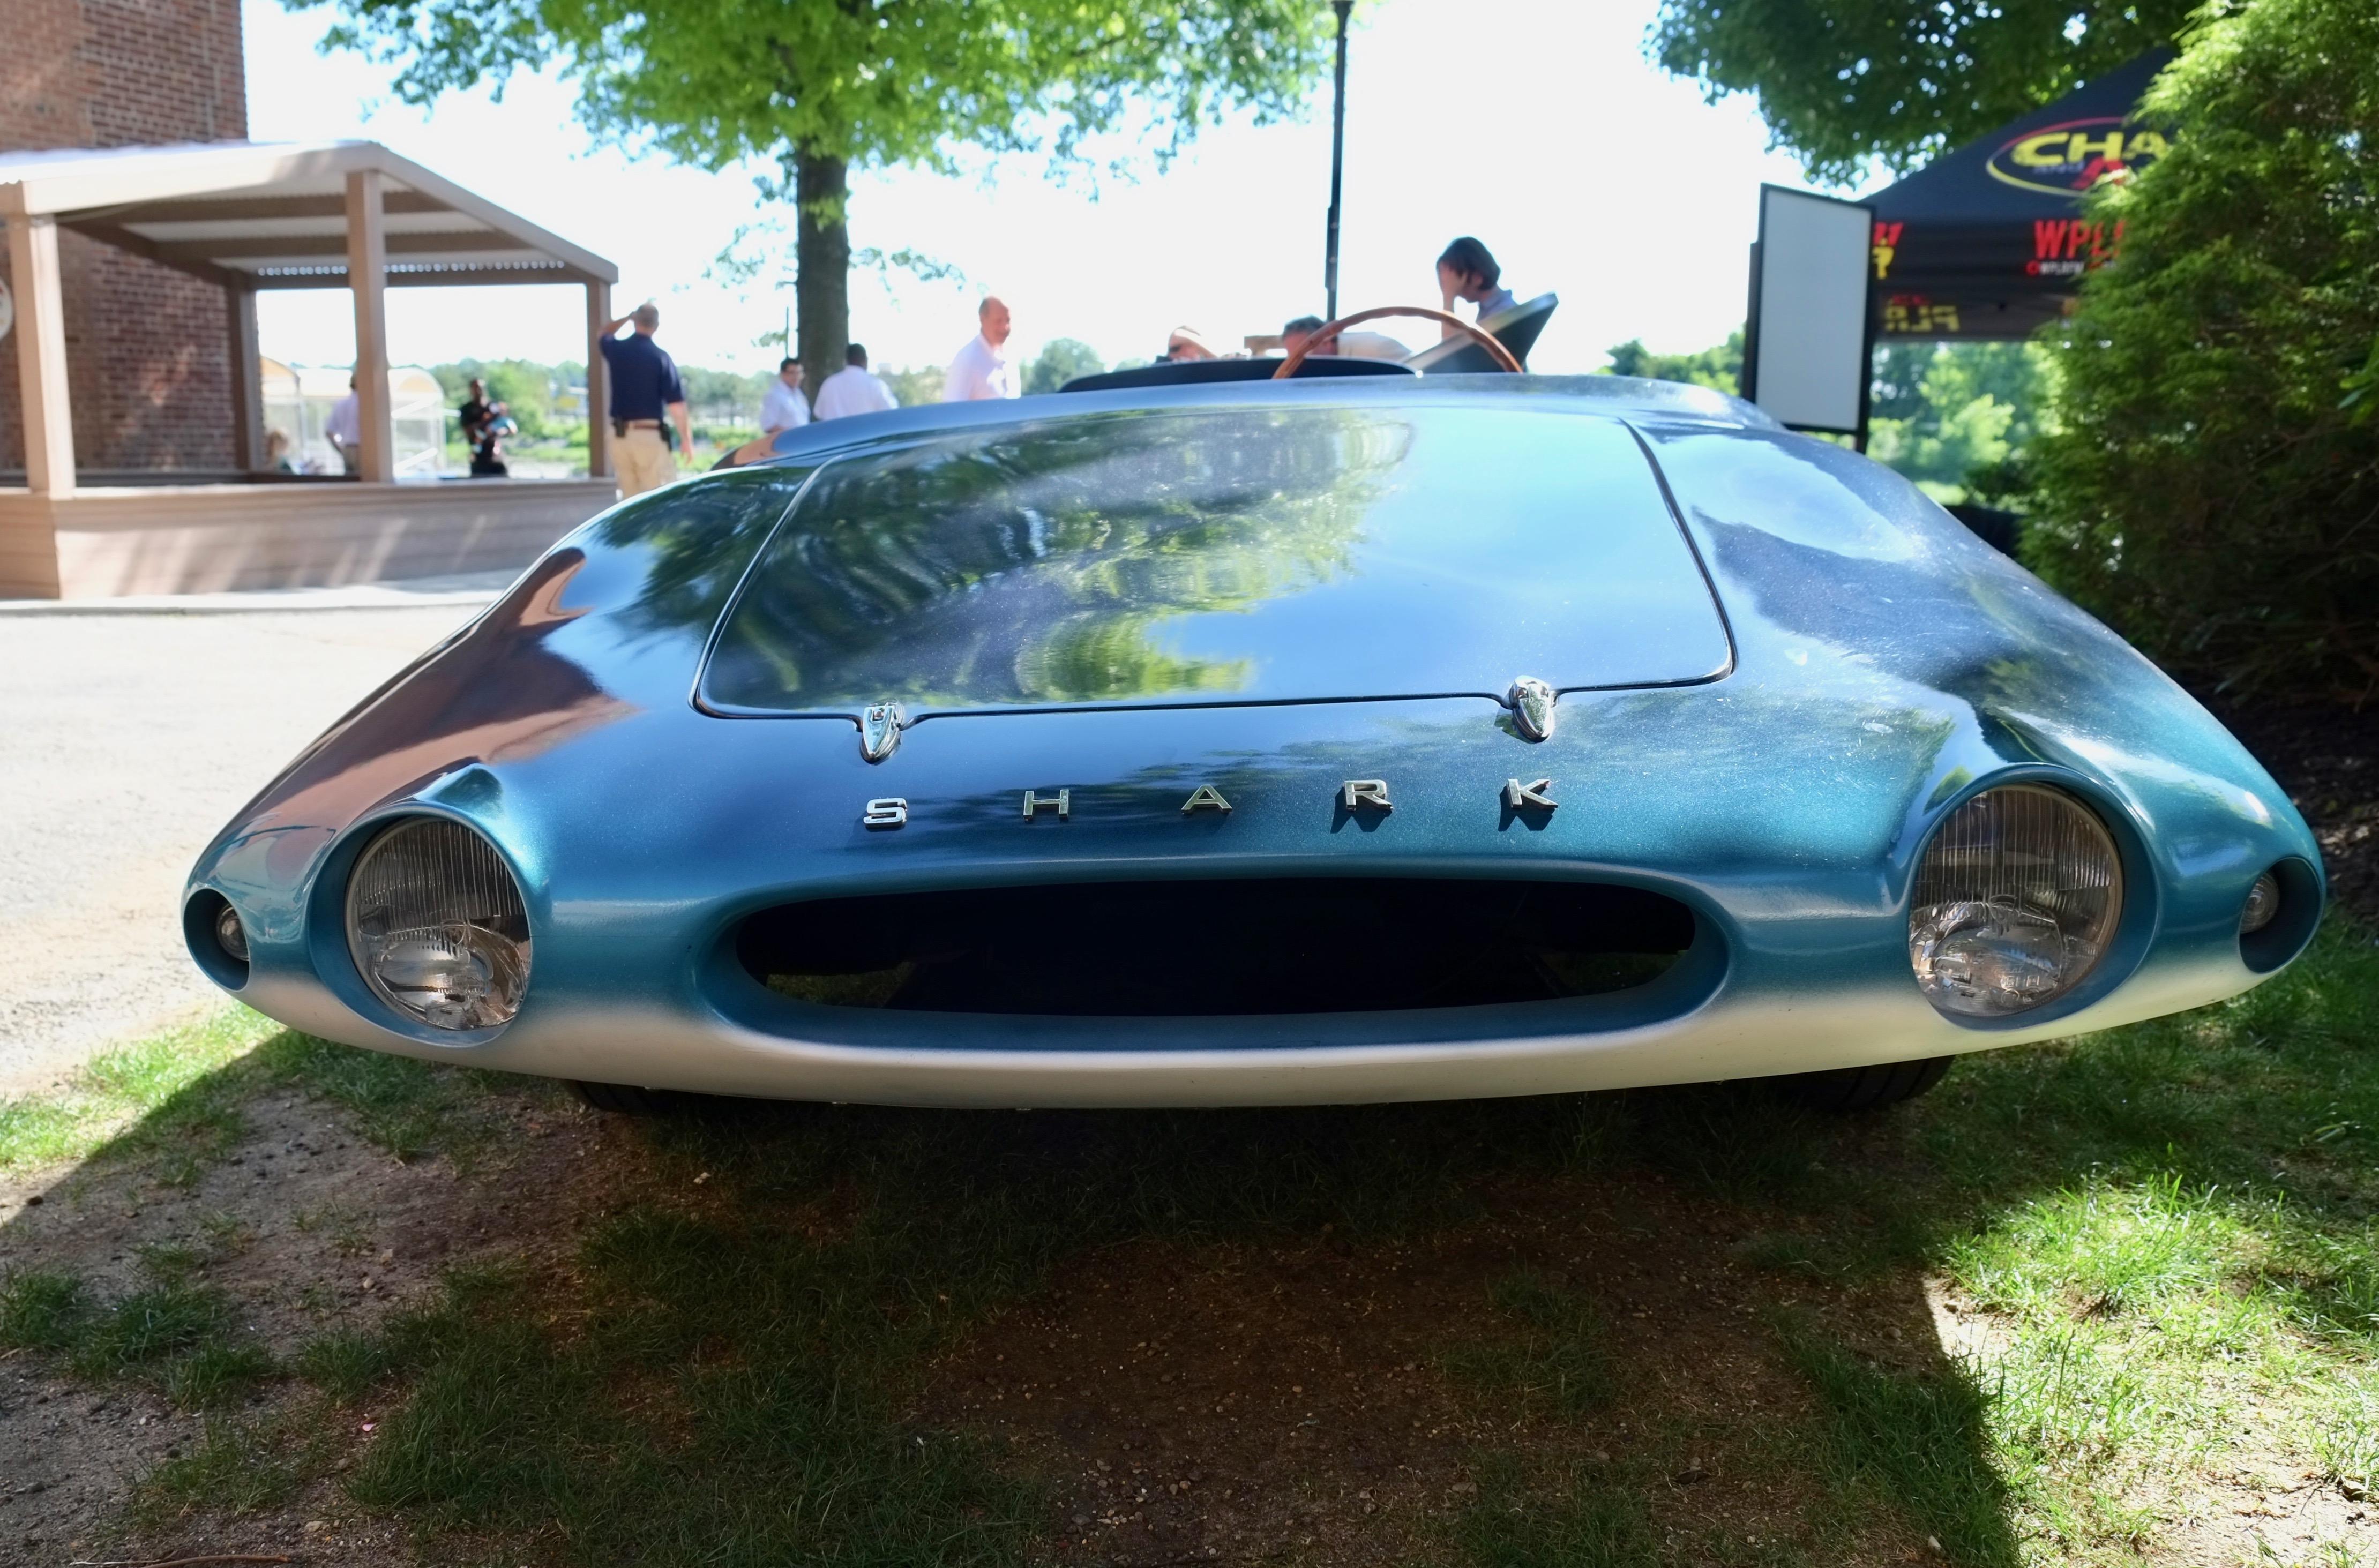 fish, Go Fish! Car show at aquarium makes a big splash, ClassicCars.com Journal